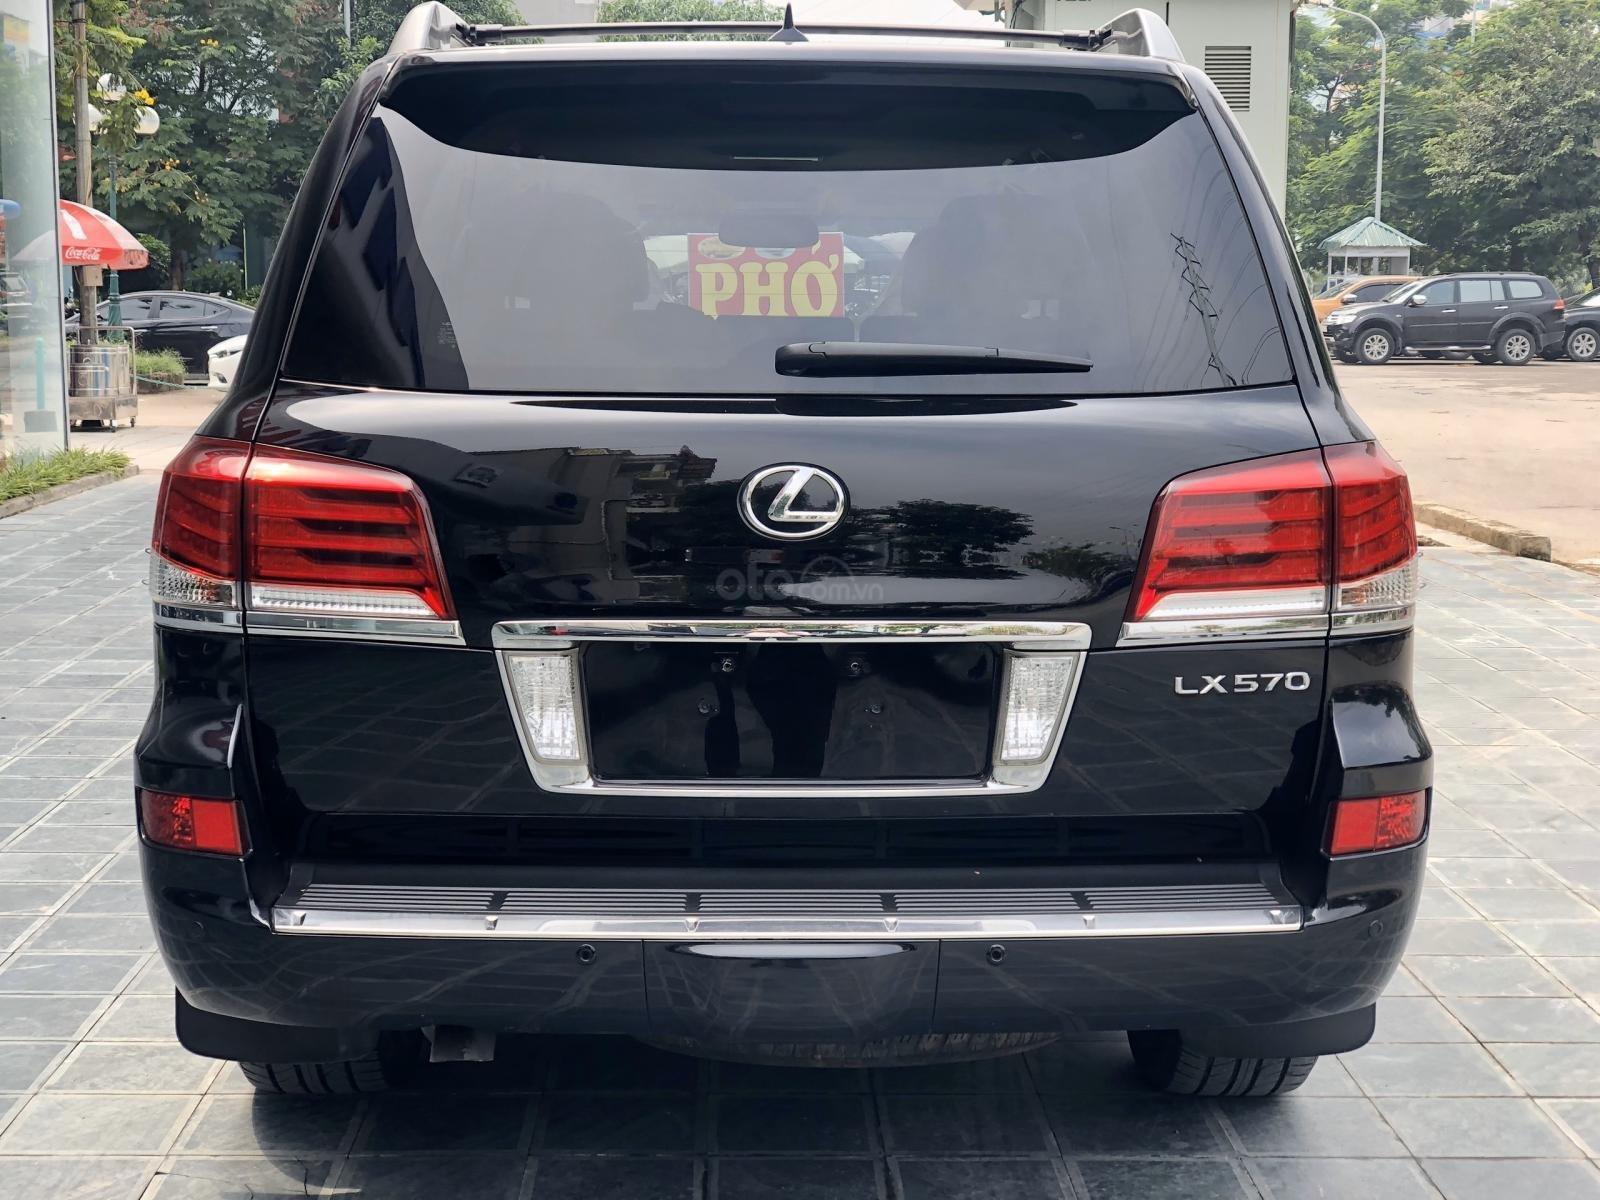 Bán ô tô Lexus LX 570 nhập Mỹ đời 2014, màu đen, xe nhập Mỹ, LH 093.996.2368 Ms Ngọc Vy (12)